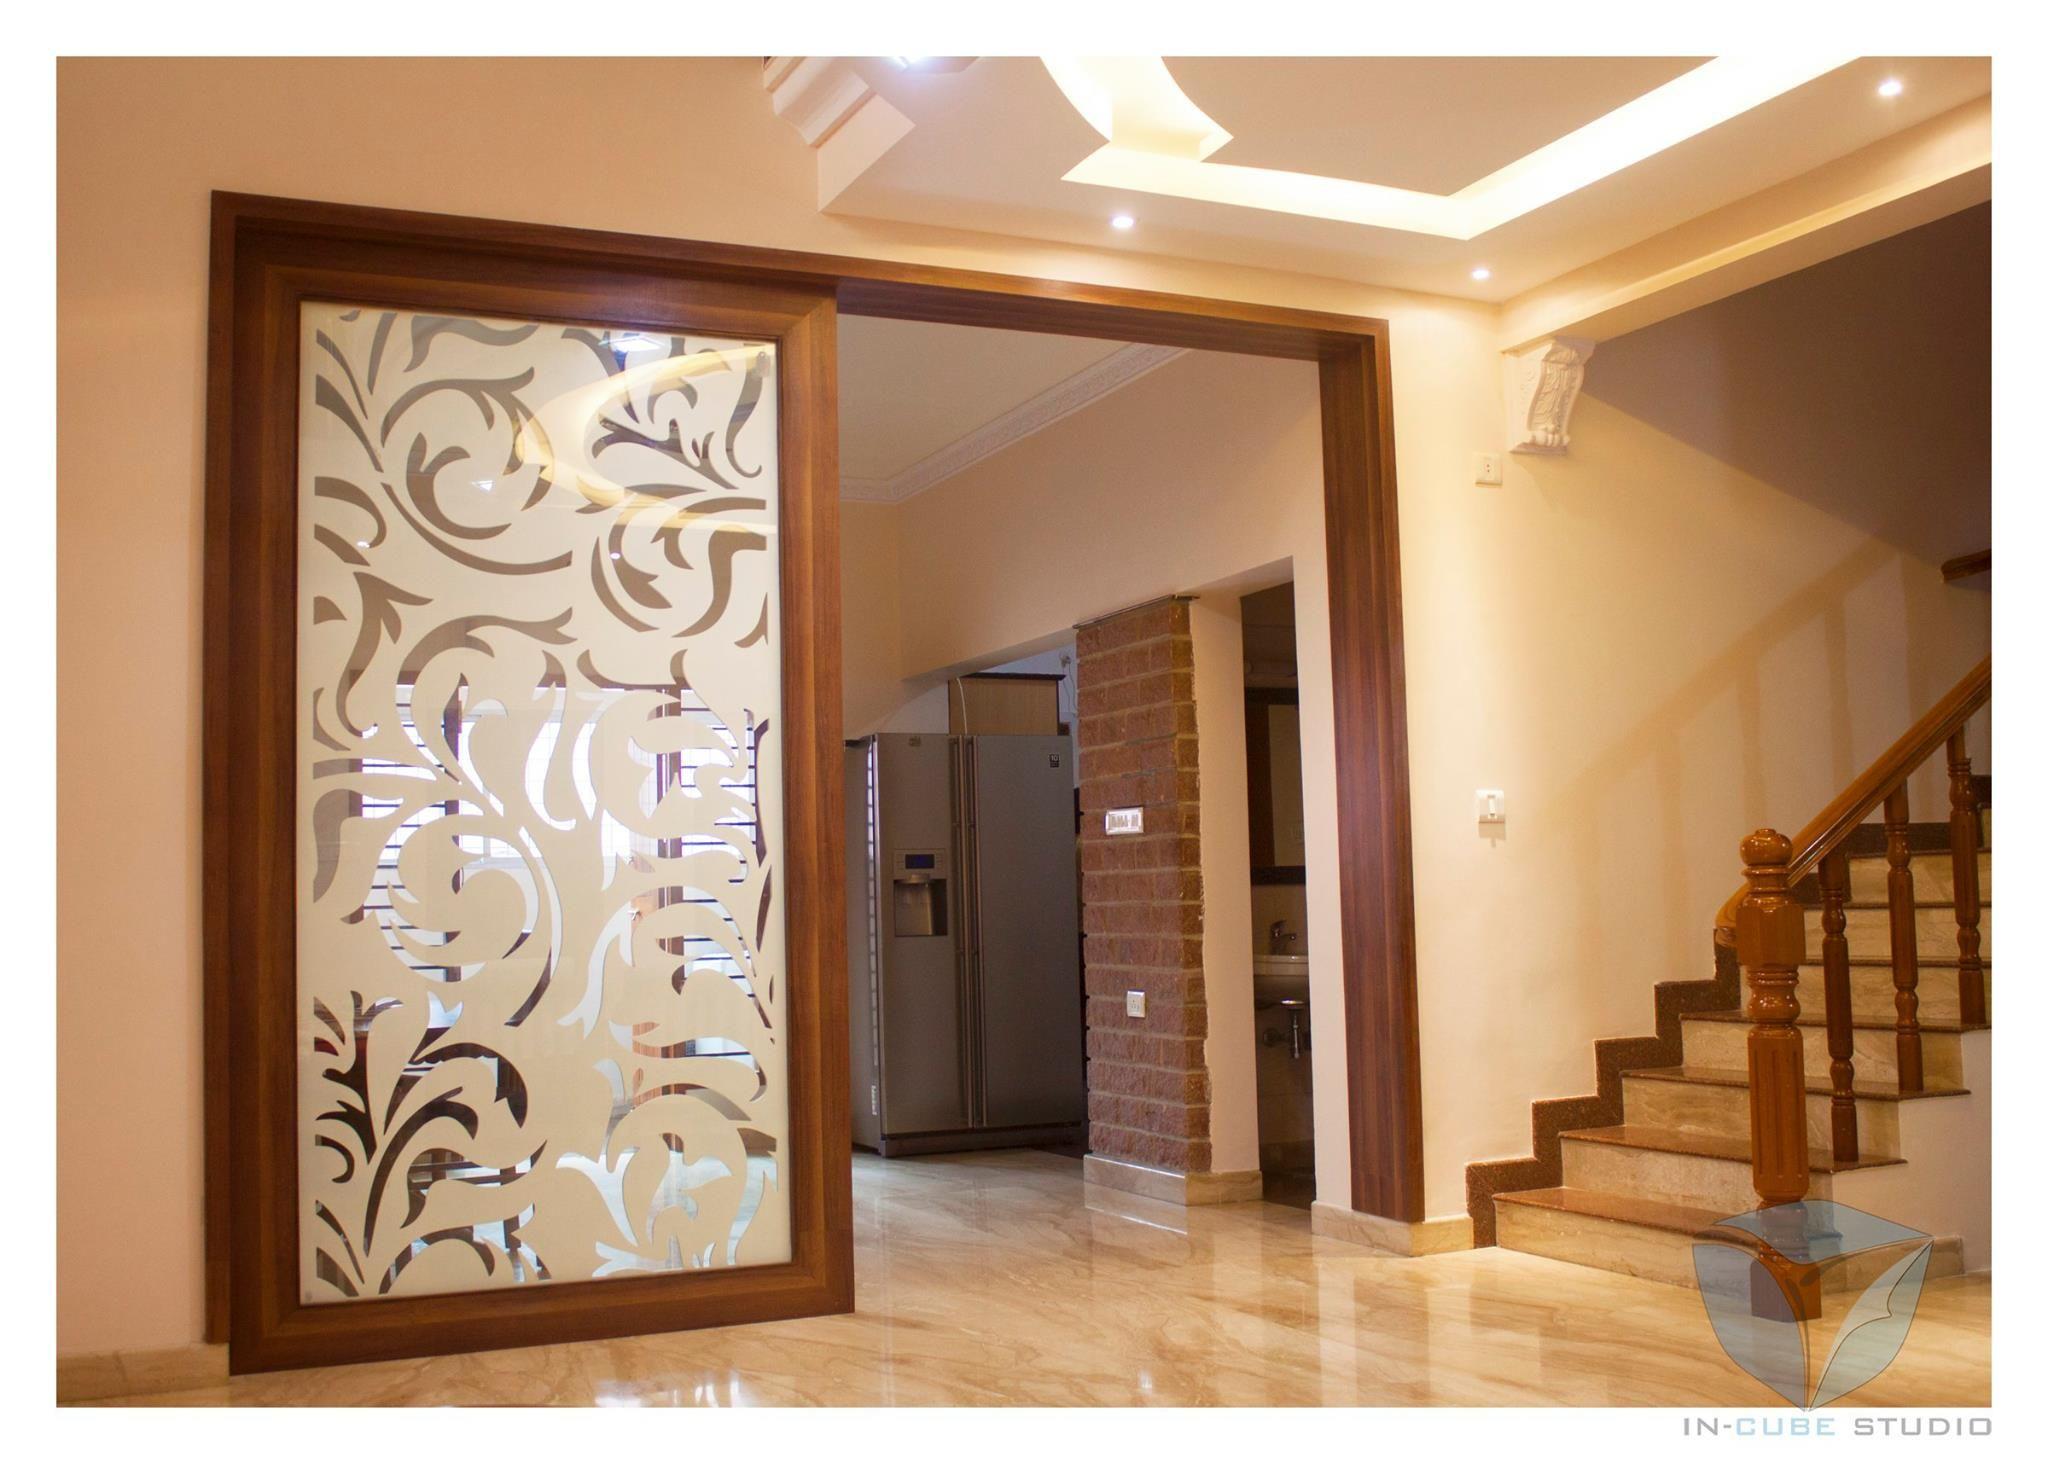 Cnc Partition Home Interiors Home Decor Home Decor